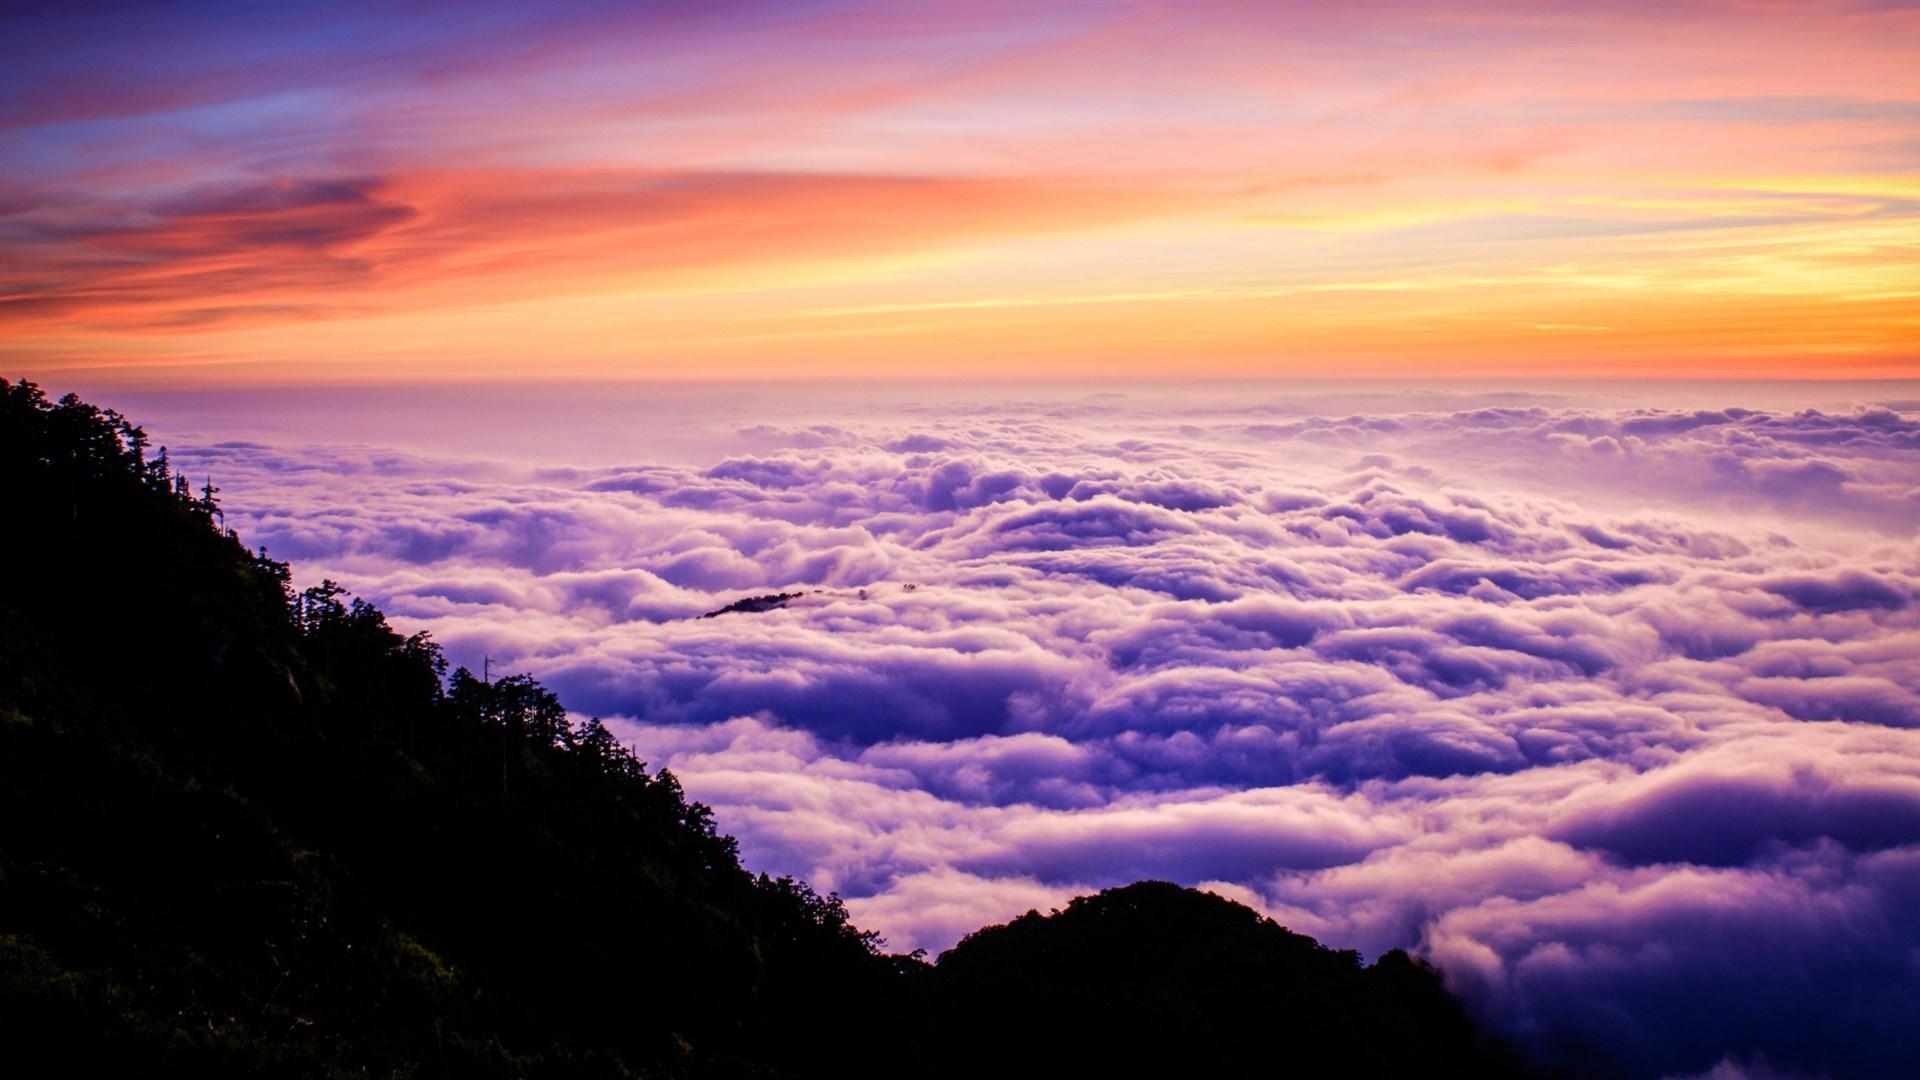 唯美真实天空壁纸 仰望天空的高清风景唯美壁纸